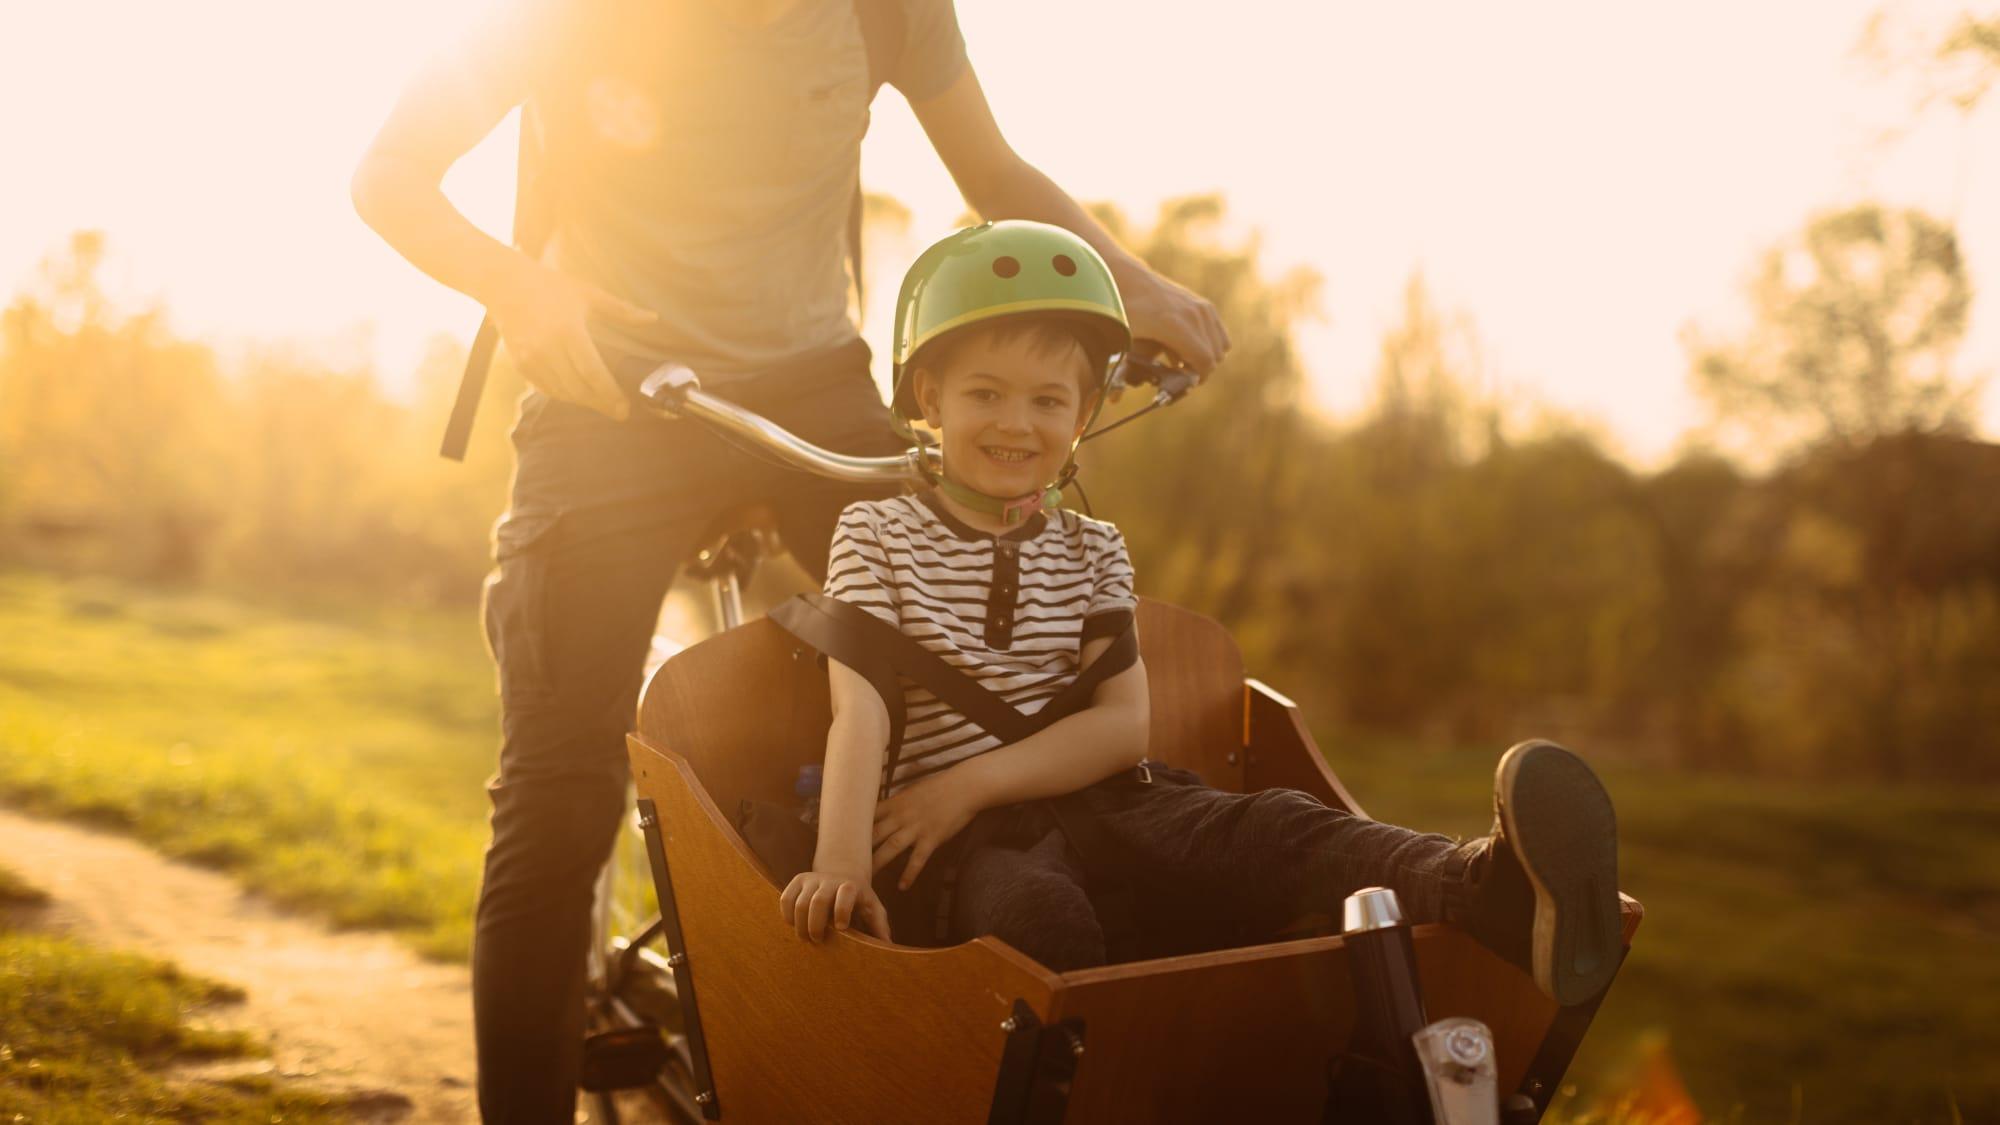 Junge sitzt in einem Lastenrad